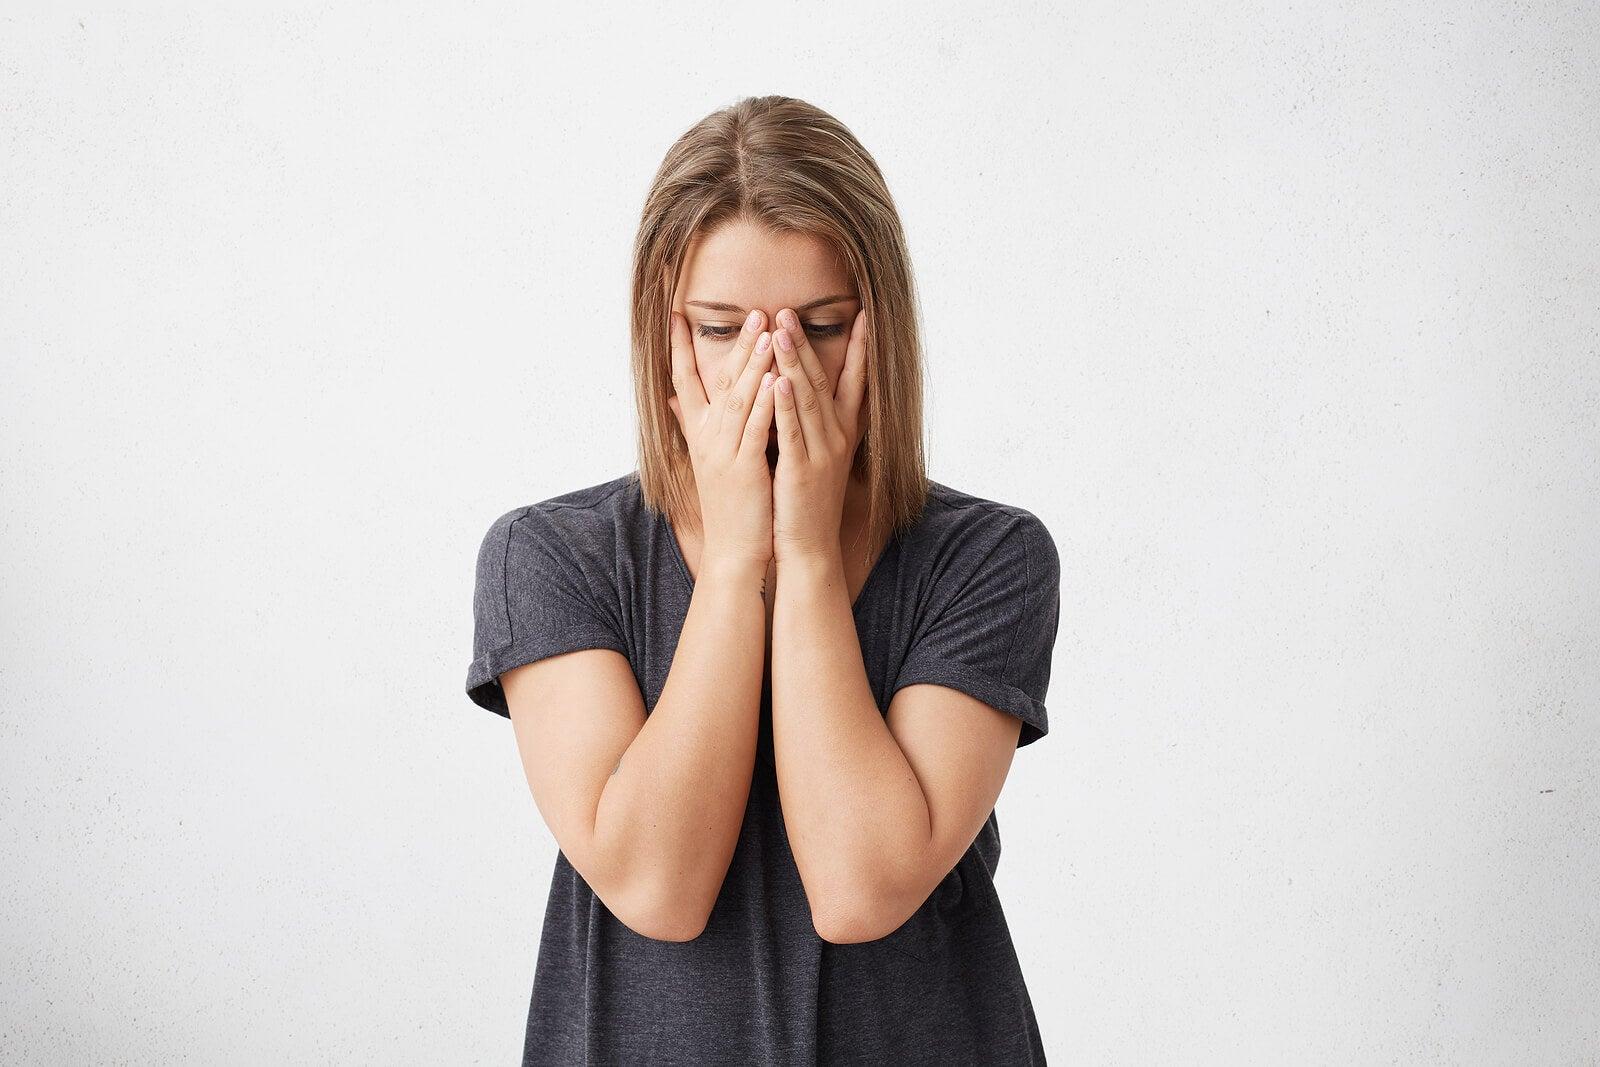 El estrés que no se gestiona puede causar estragos tanto en lo físico como lo mental.